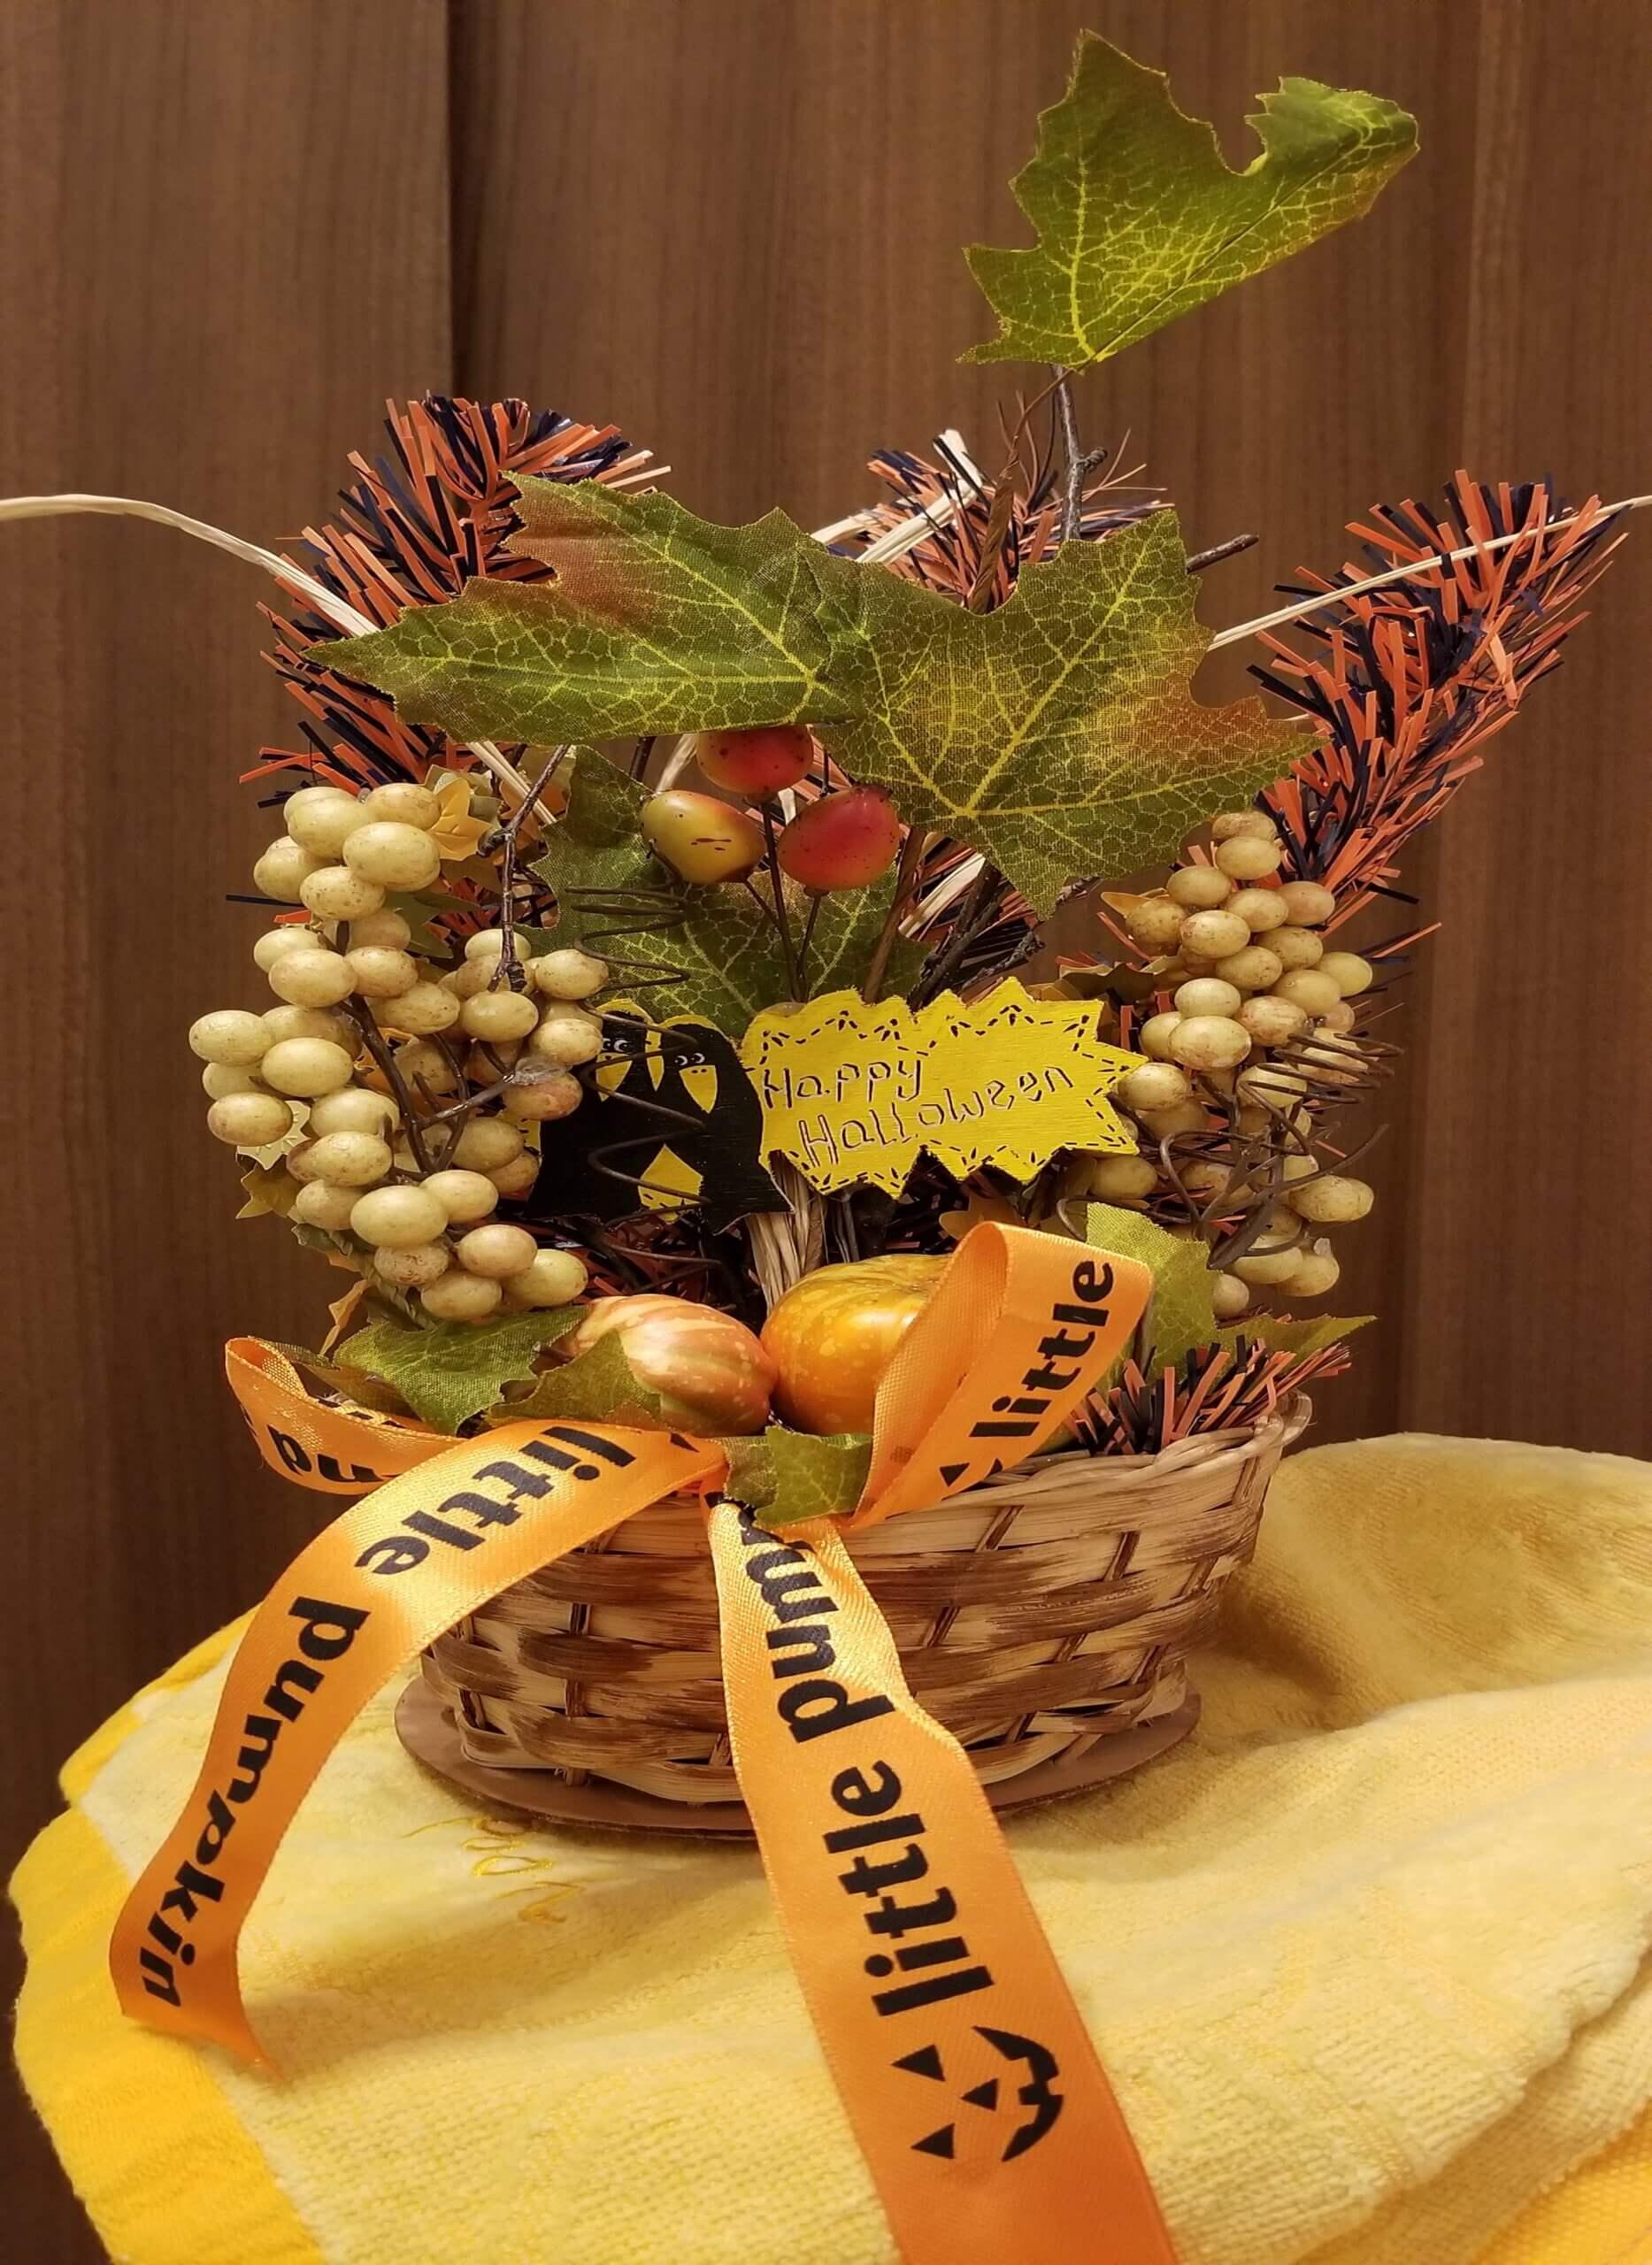 #5 『葉が色づき始める10月 カラーリーフで彩ったリフォームガーデン』 ザ・シーズン浦和店